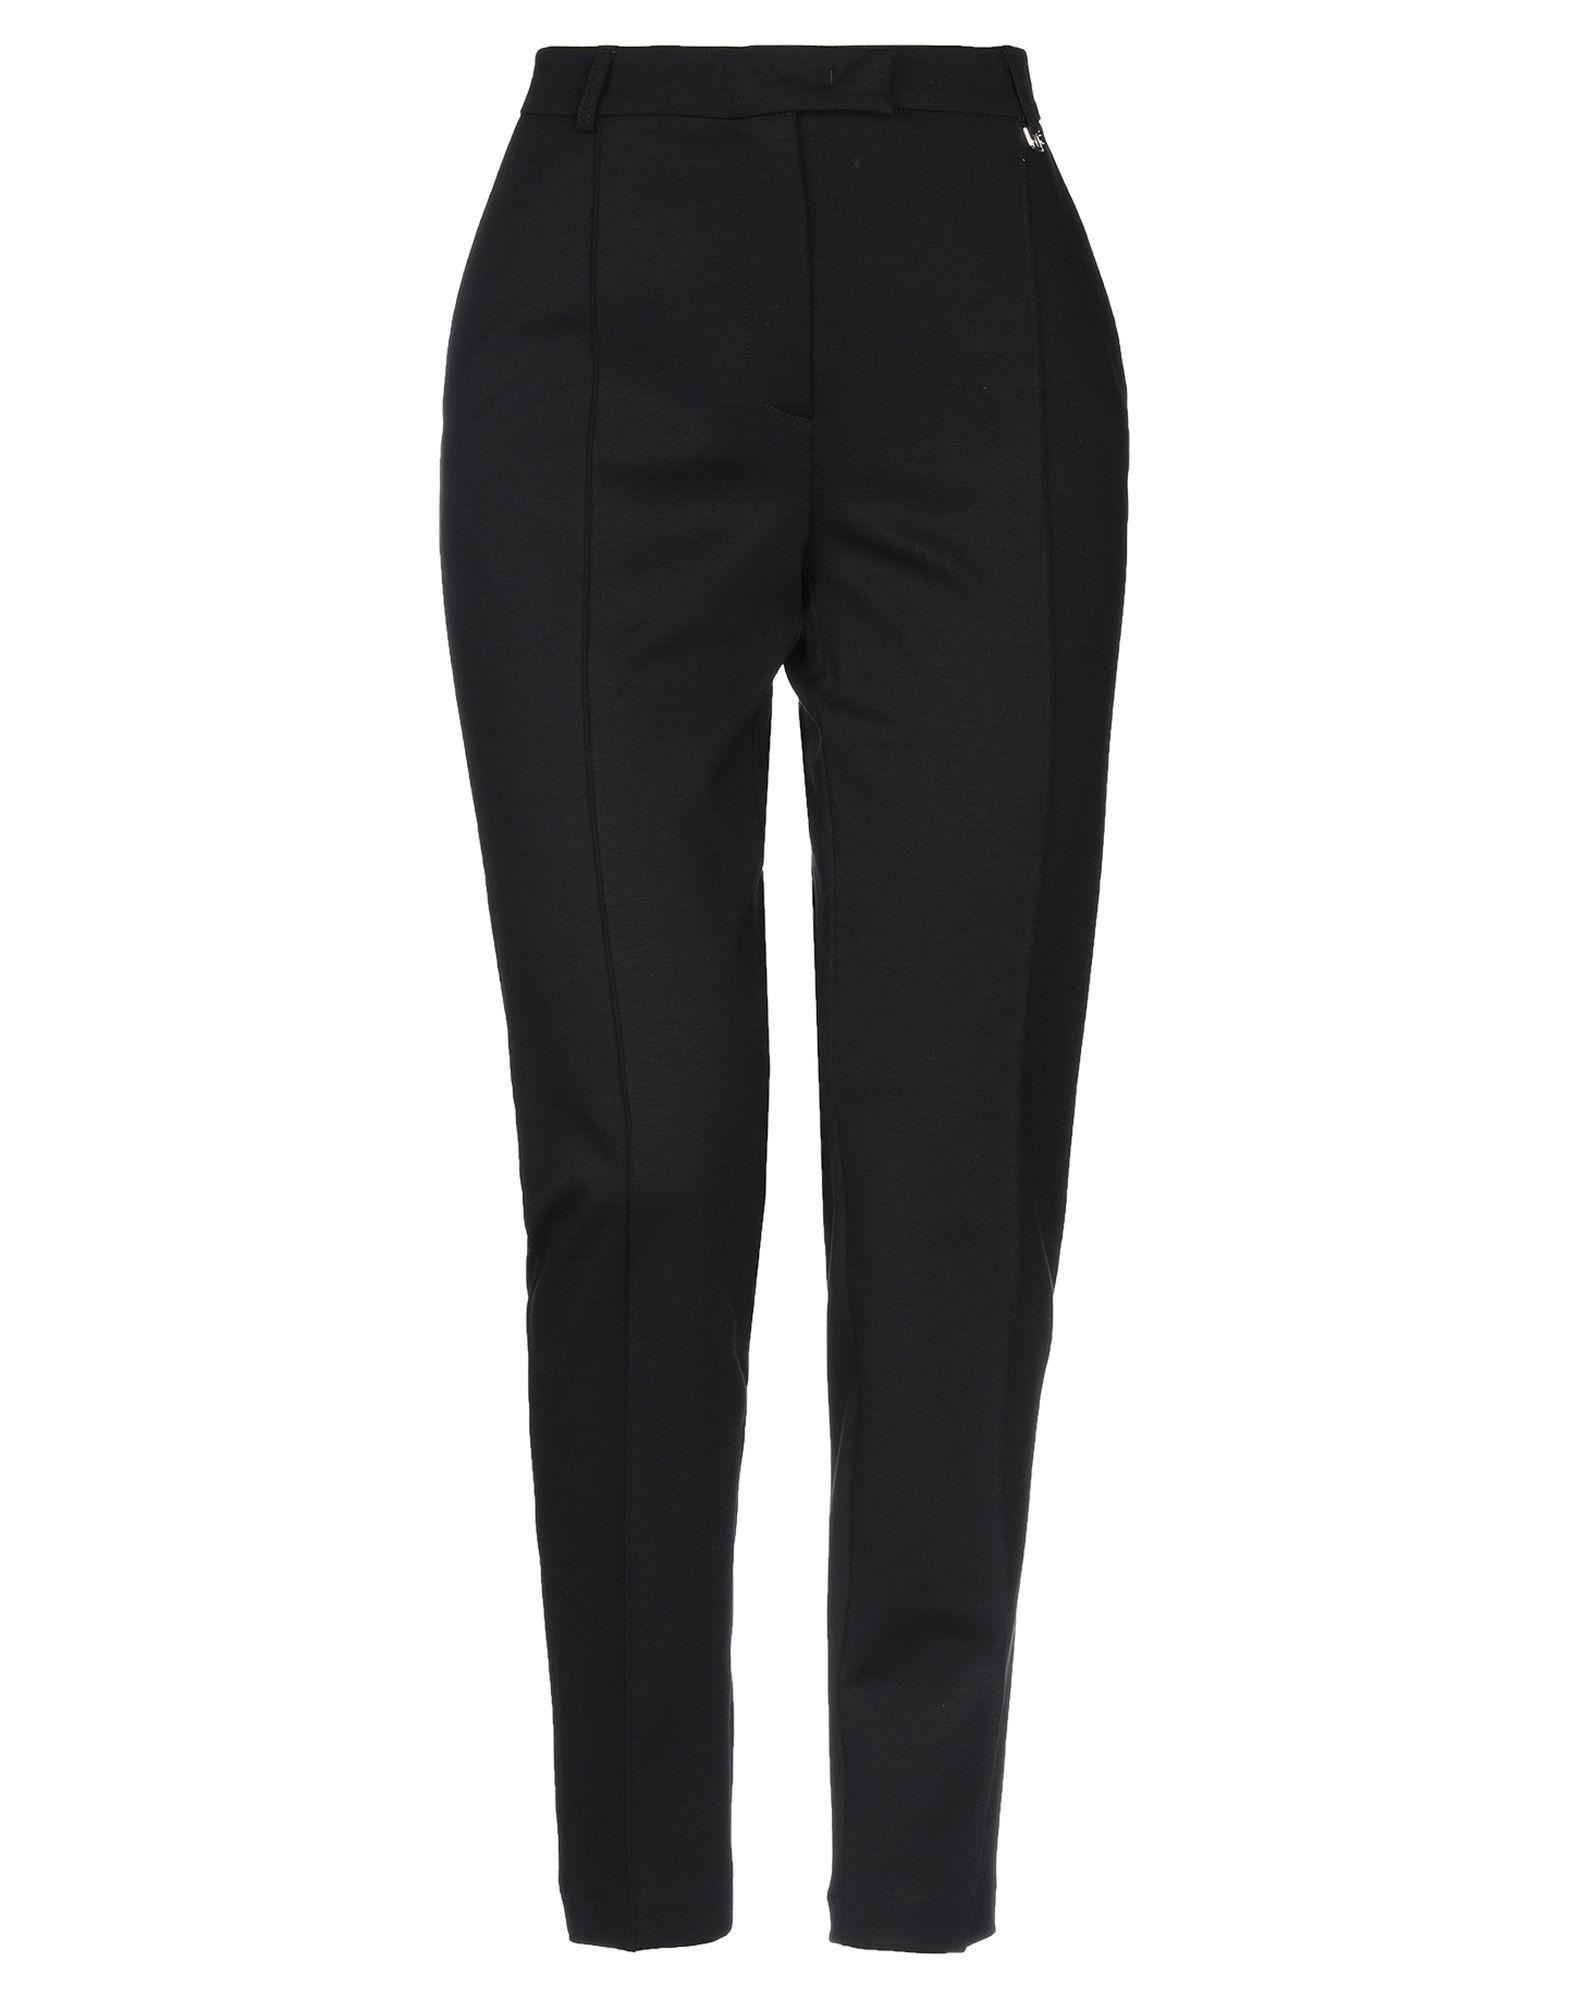 Pantalone Cristinaeffe donna - - 13348278DH  Hersteller direkte Versorgung